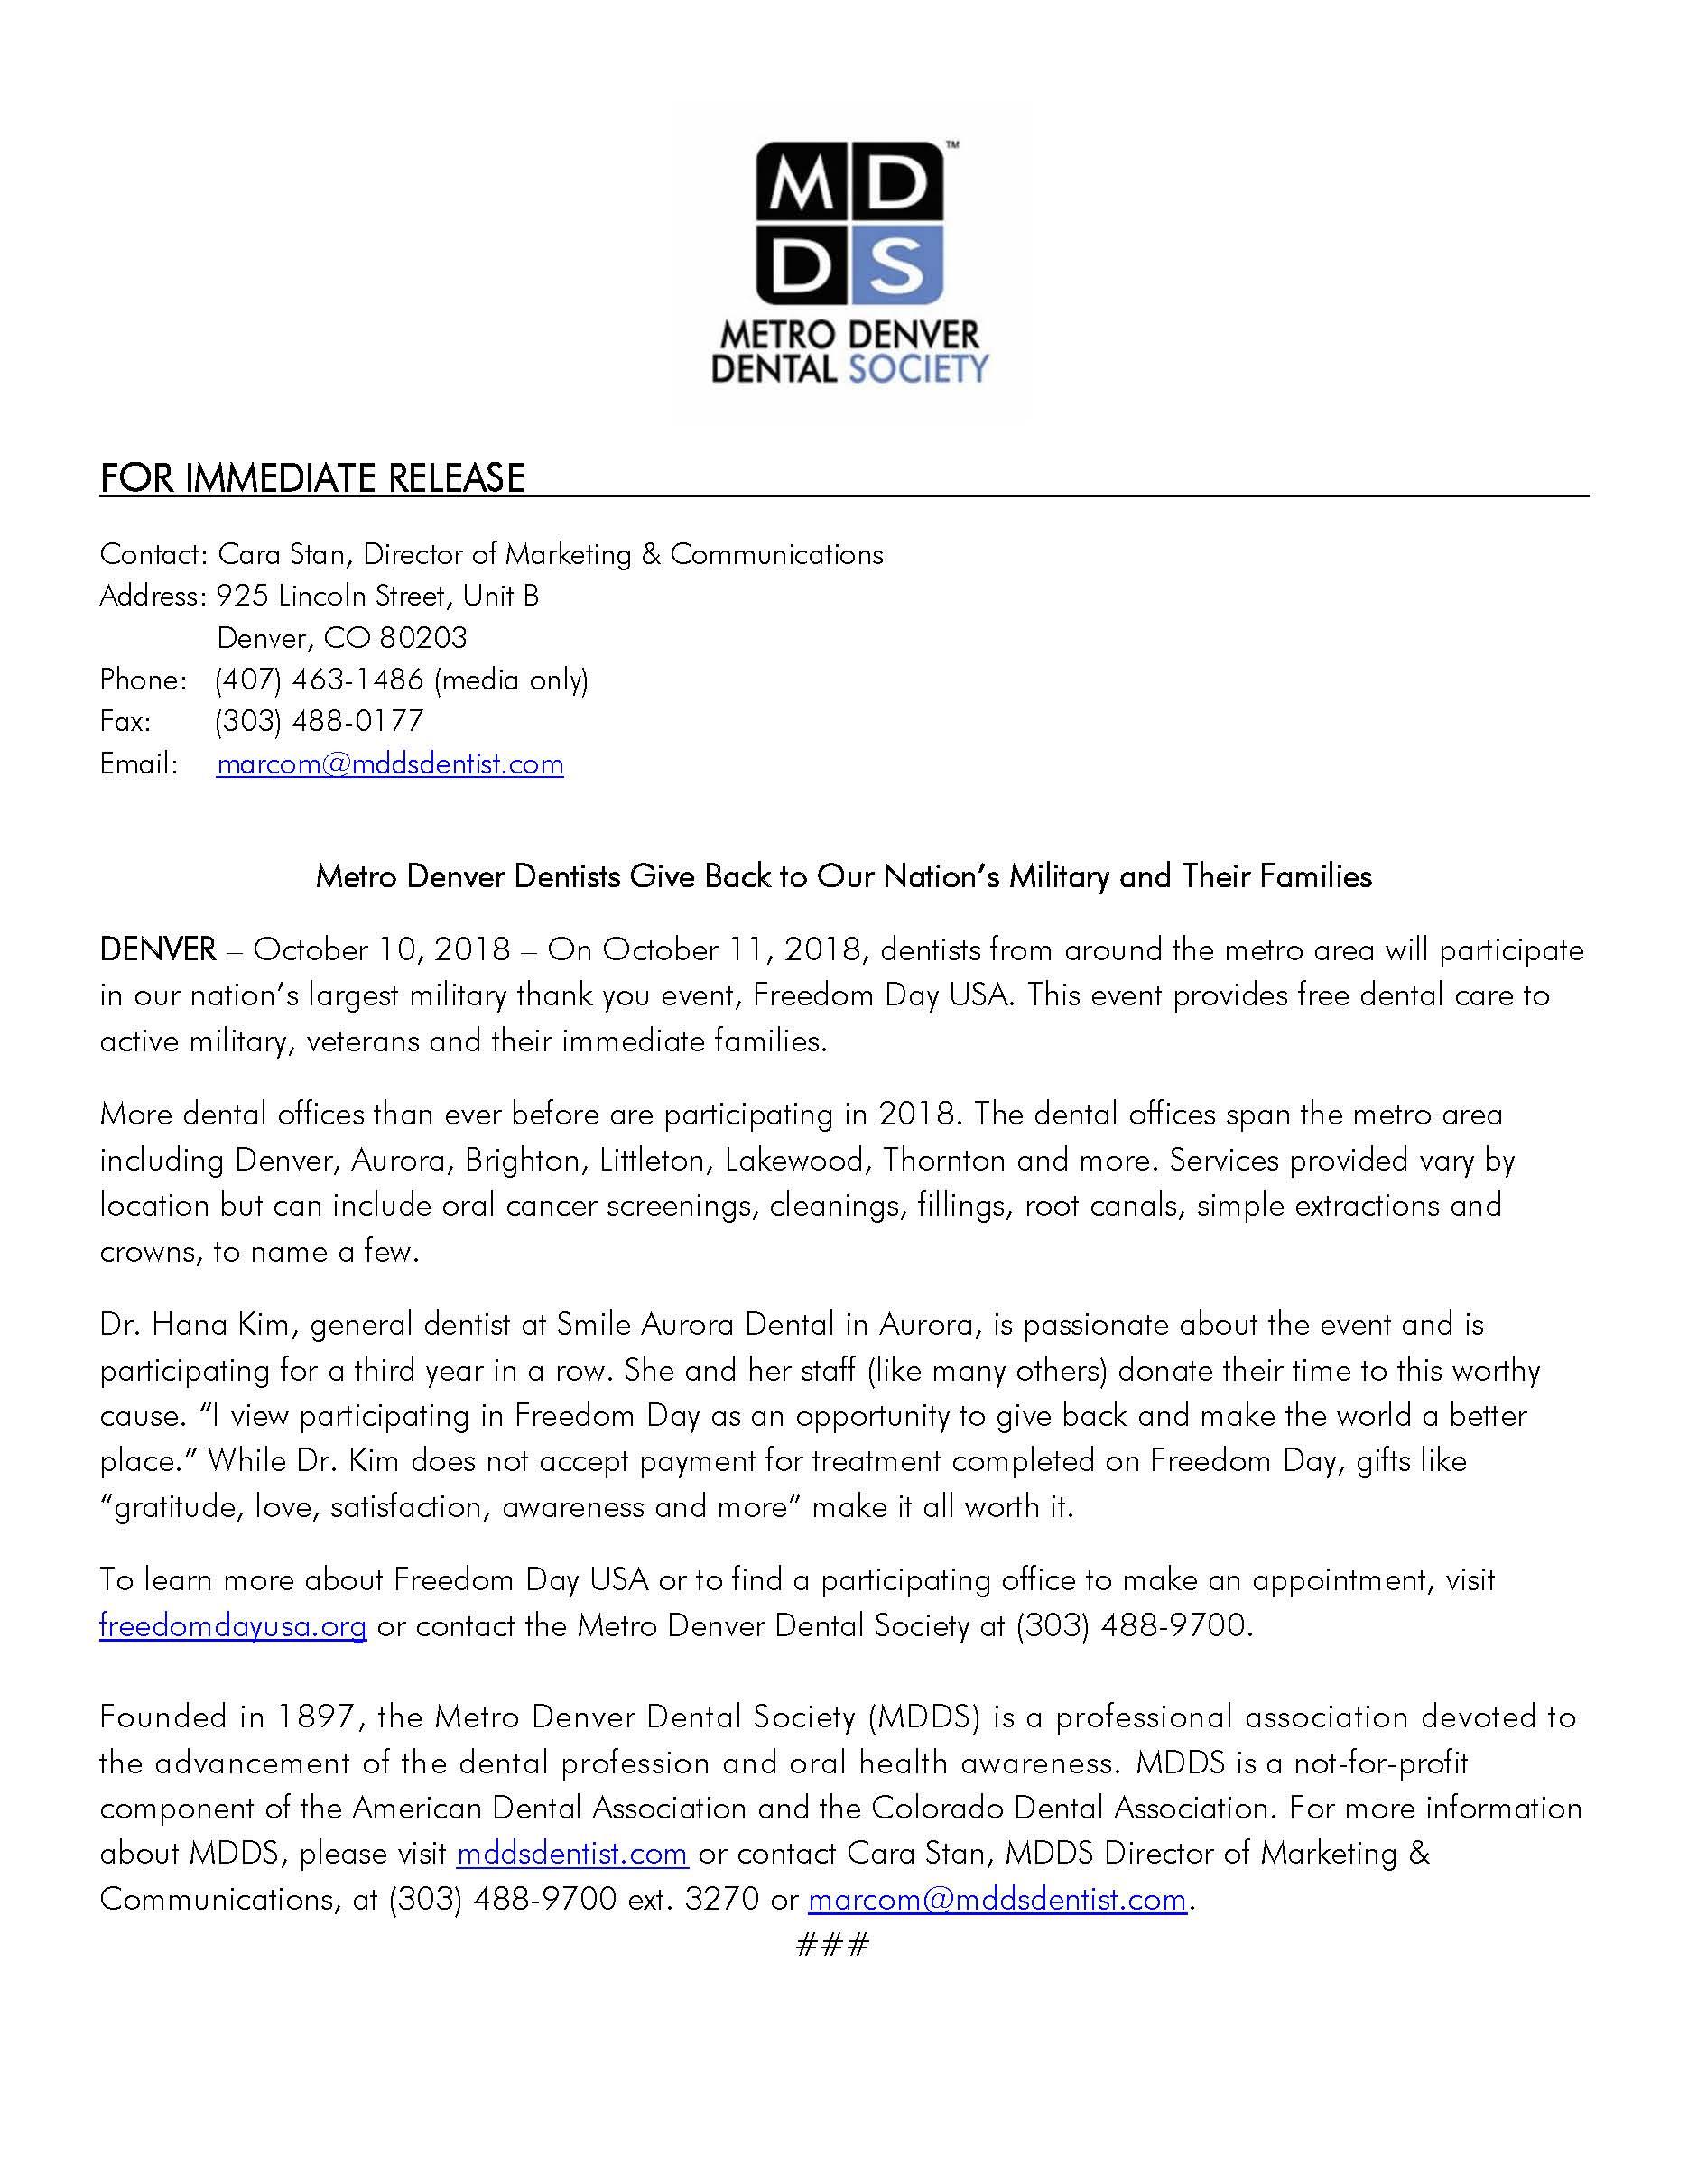 MDDS News, Media & Updates - Metro Denver Dental Society